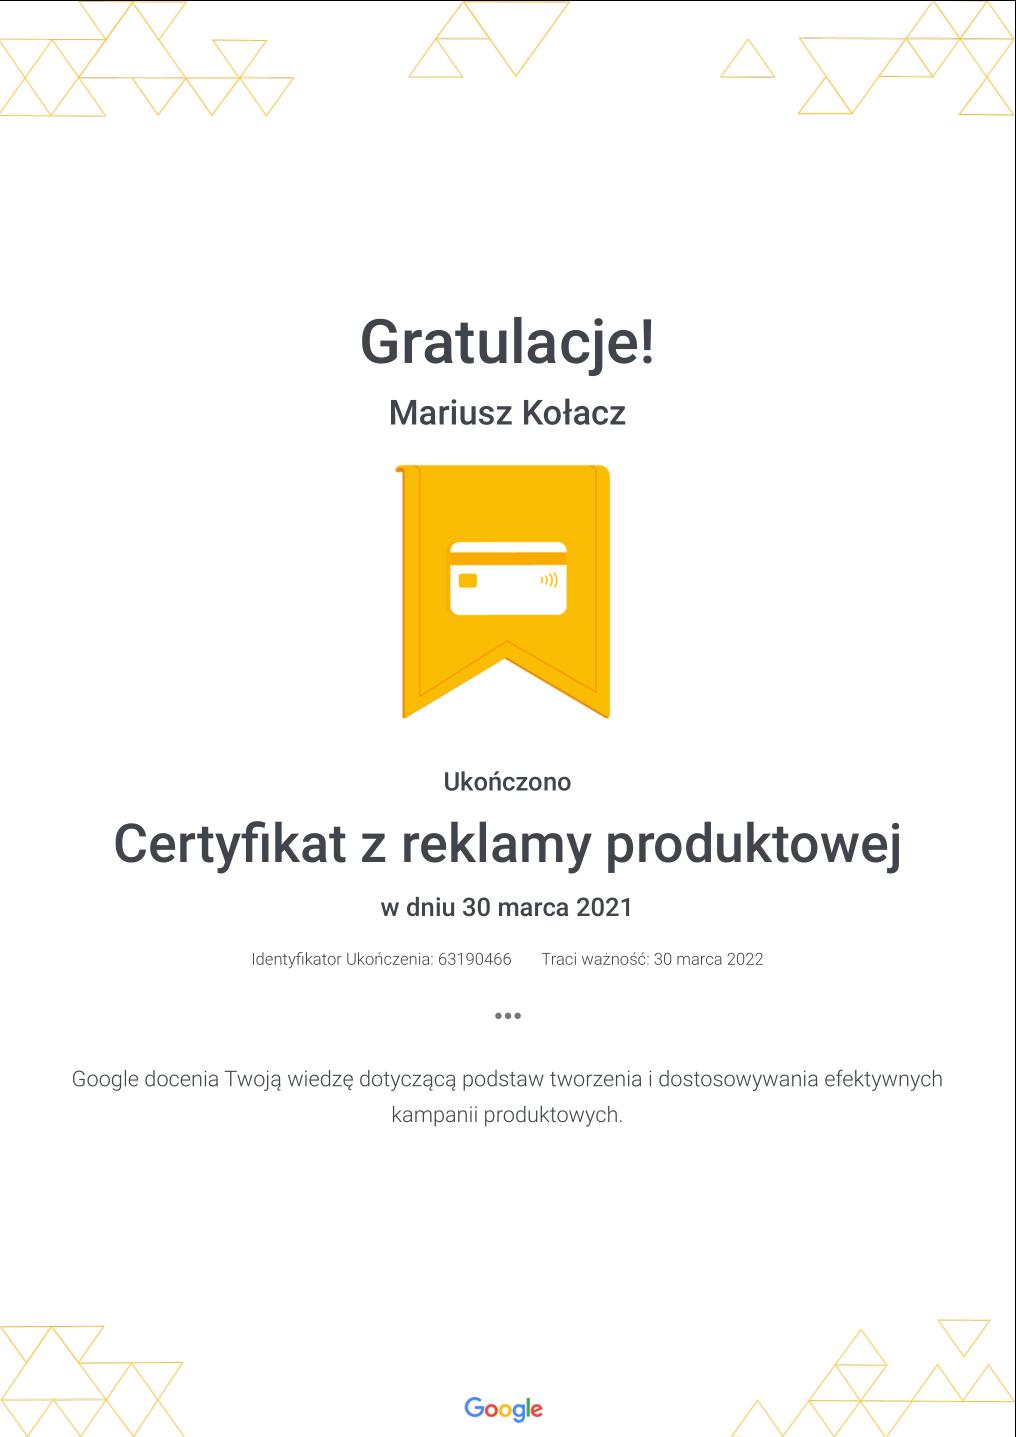 Certyfikat Google z reklamy produktowej